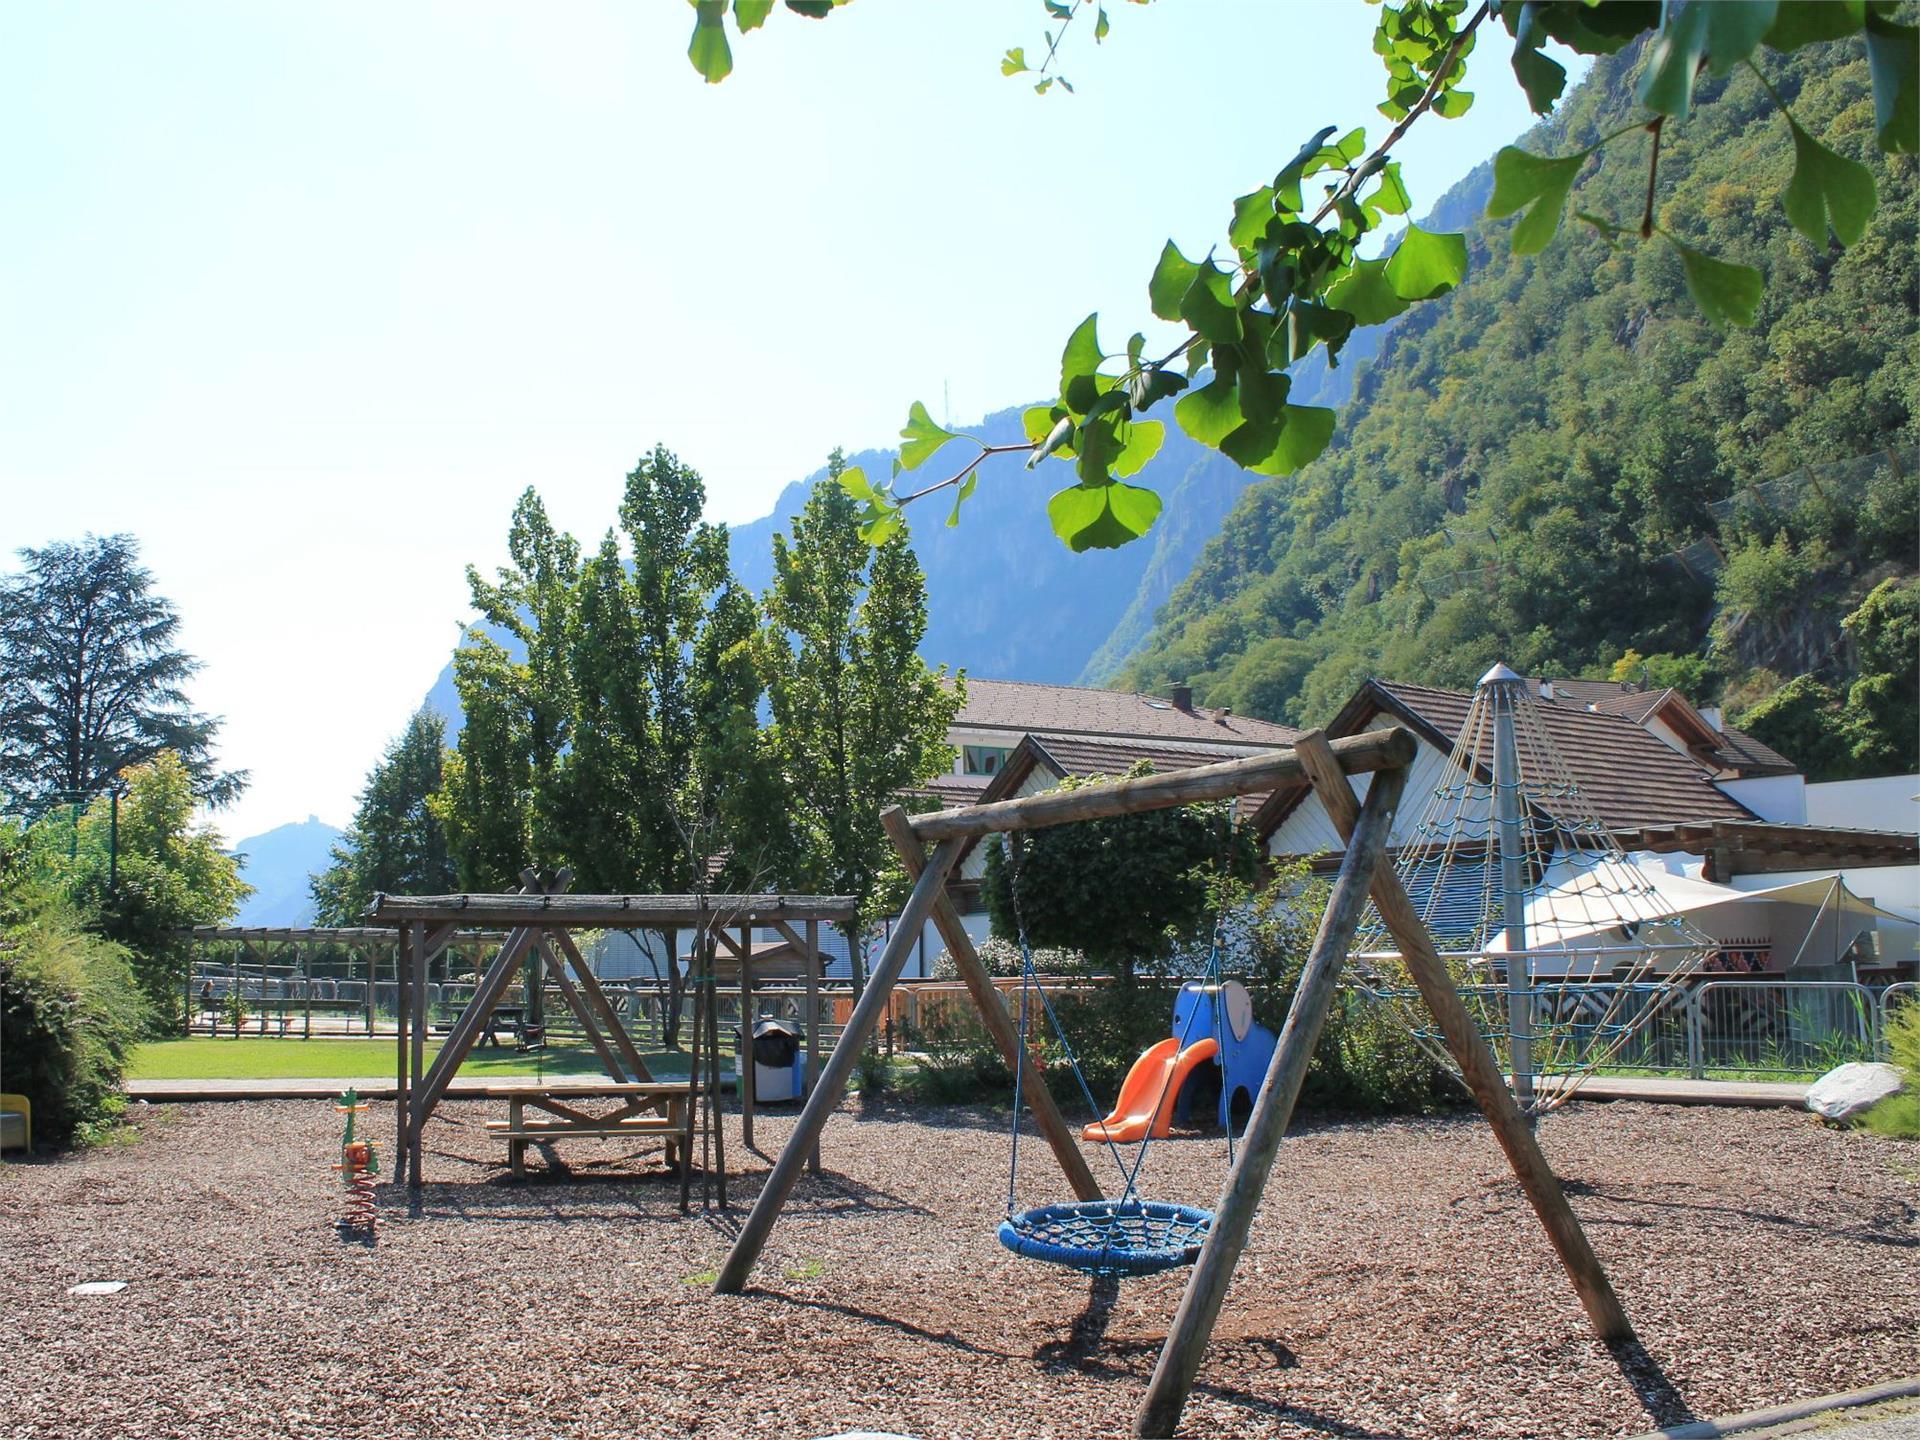 Kinderspielplatz Pfatten